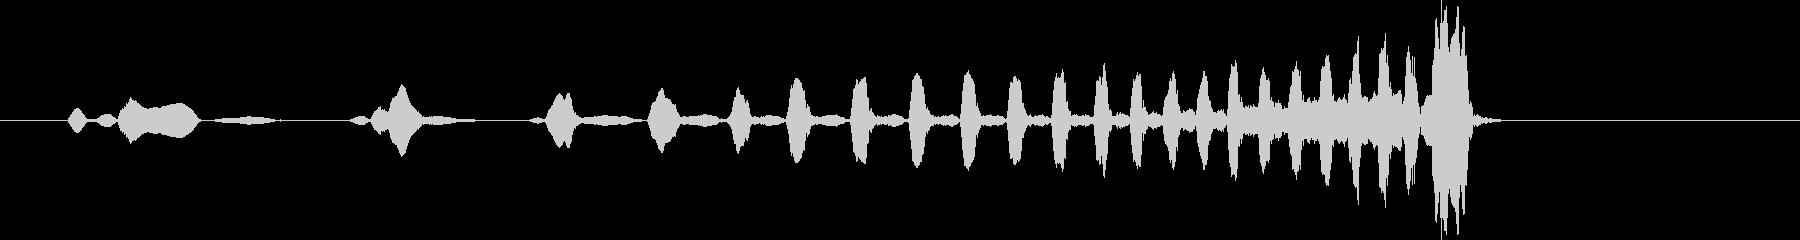 ギボンコール。 2つのテナガザルは...の未再生の波形